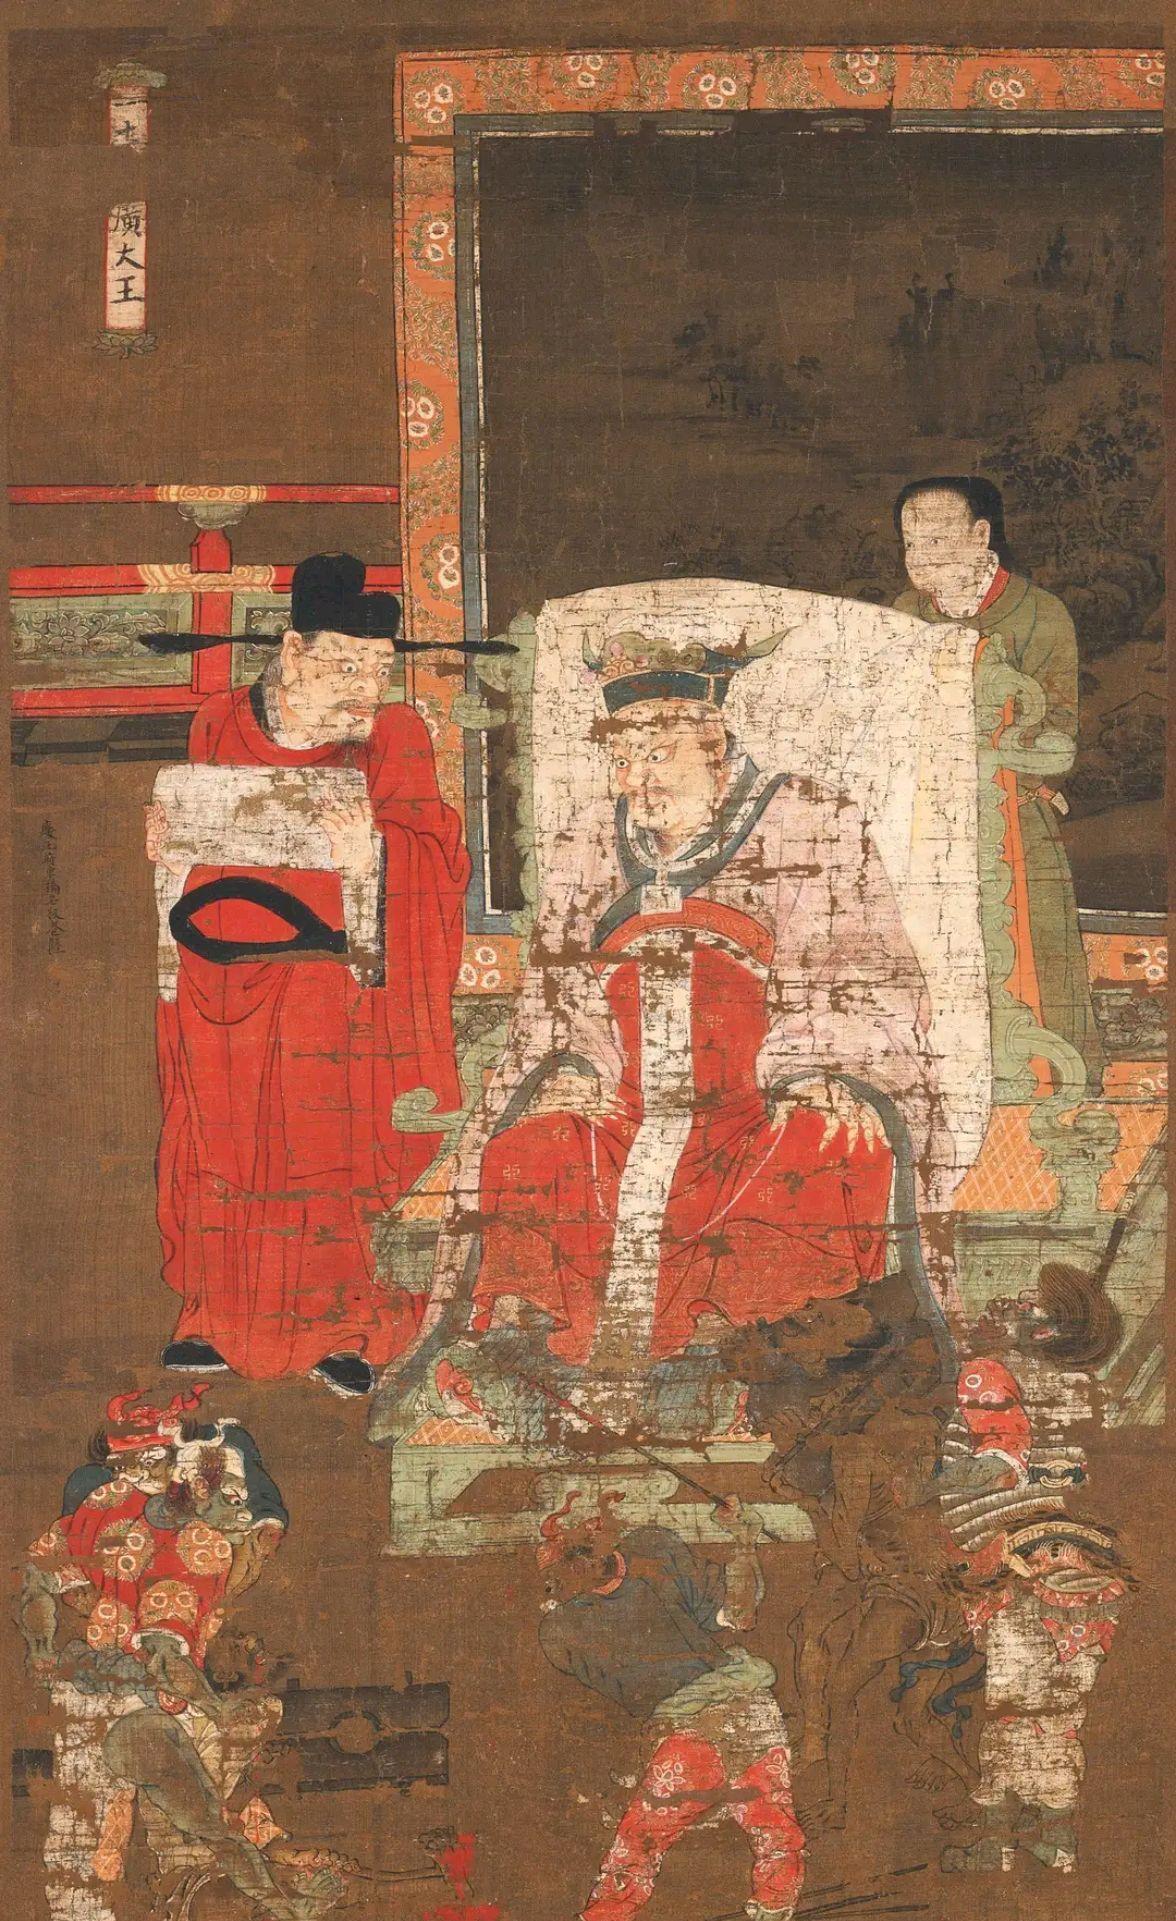 日本馆藏南宋画家的《十殿阎罗王》图